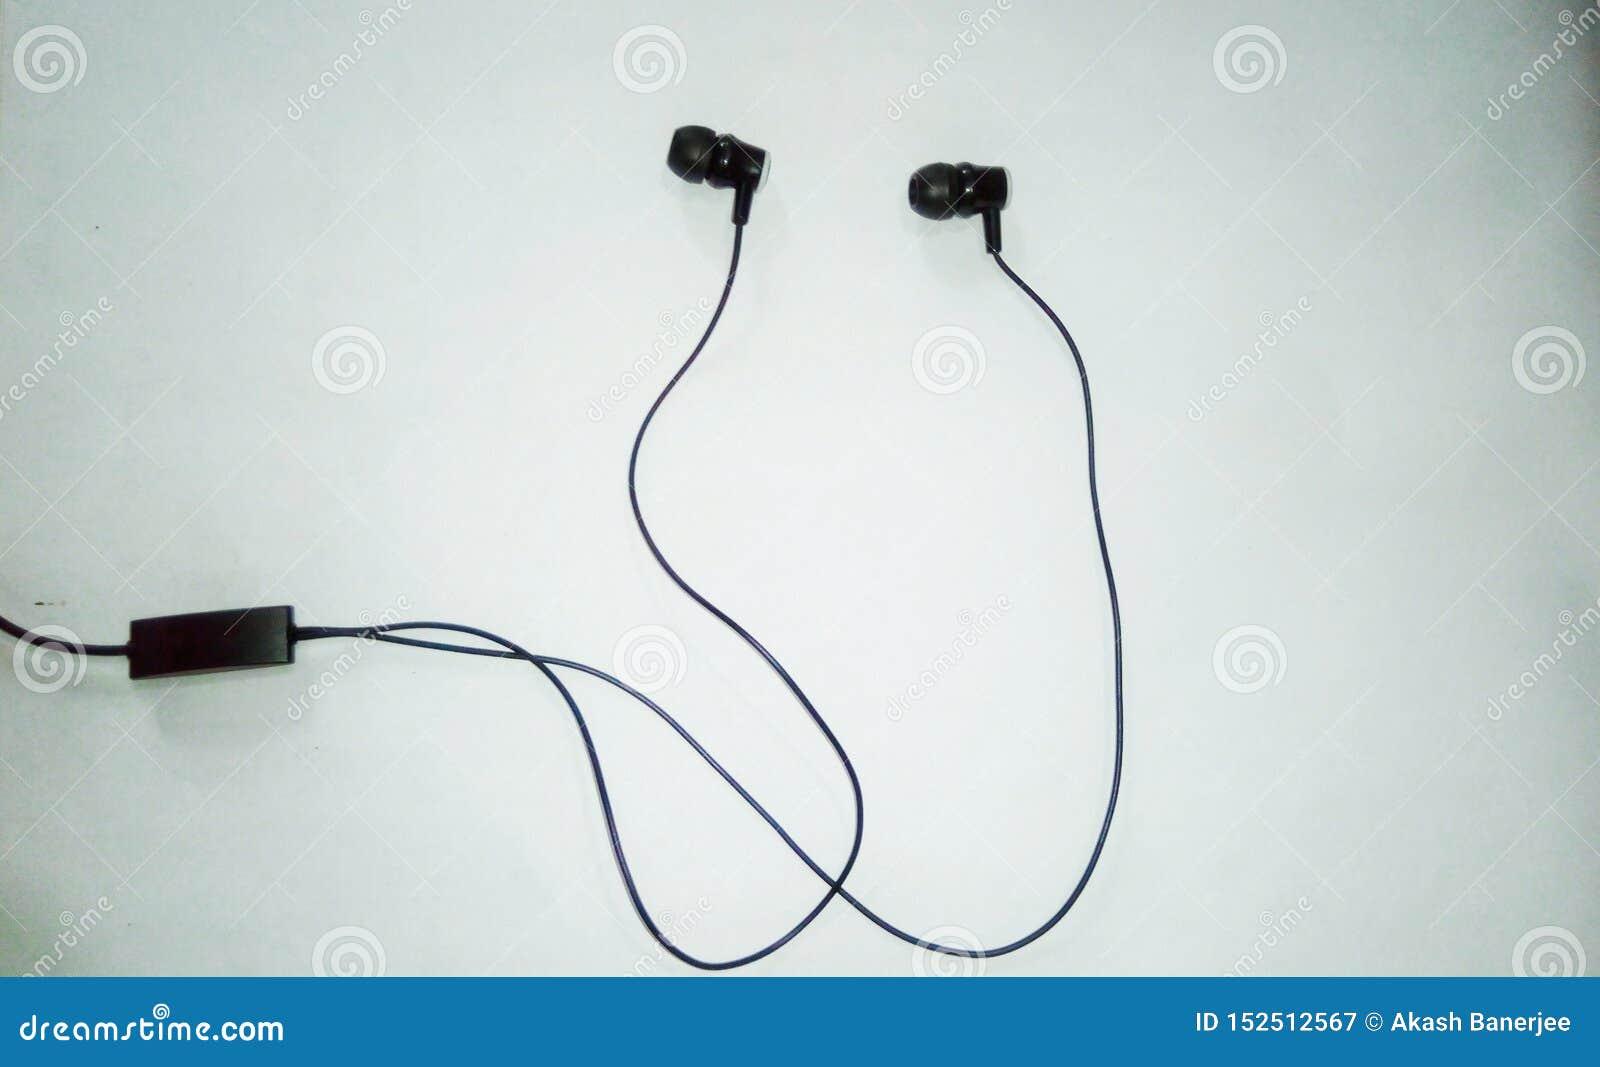 Headfon